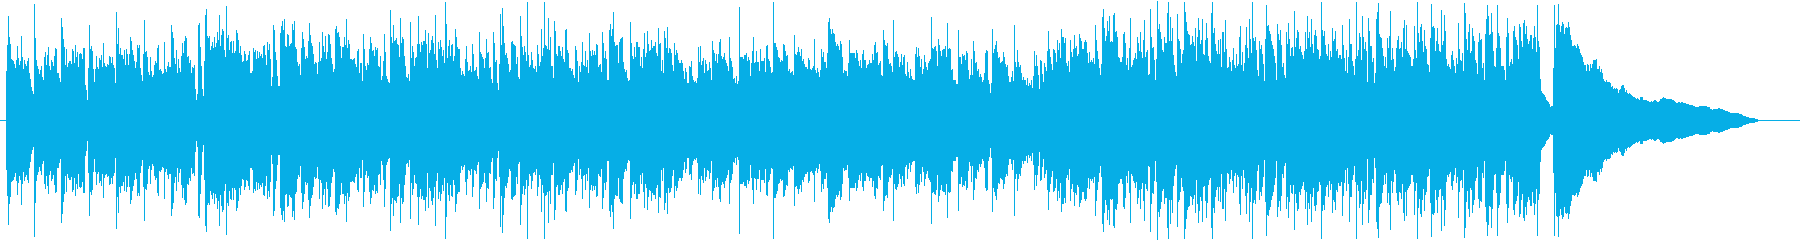 アコギが中心の穏やかな曲_ワンコーラス1の再生済みの波形